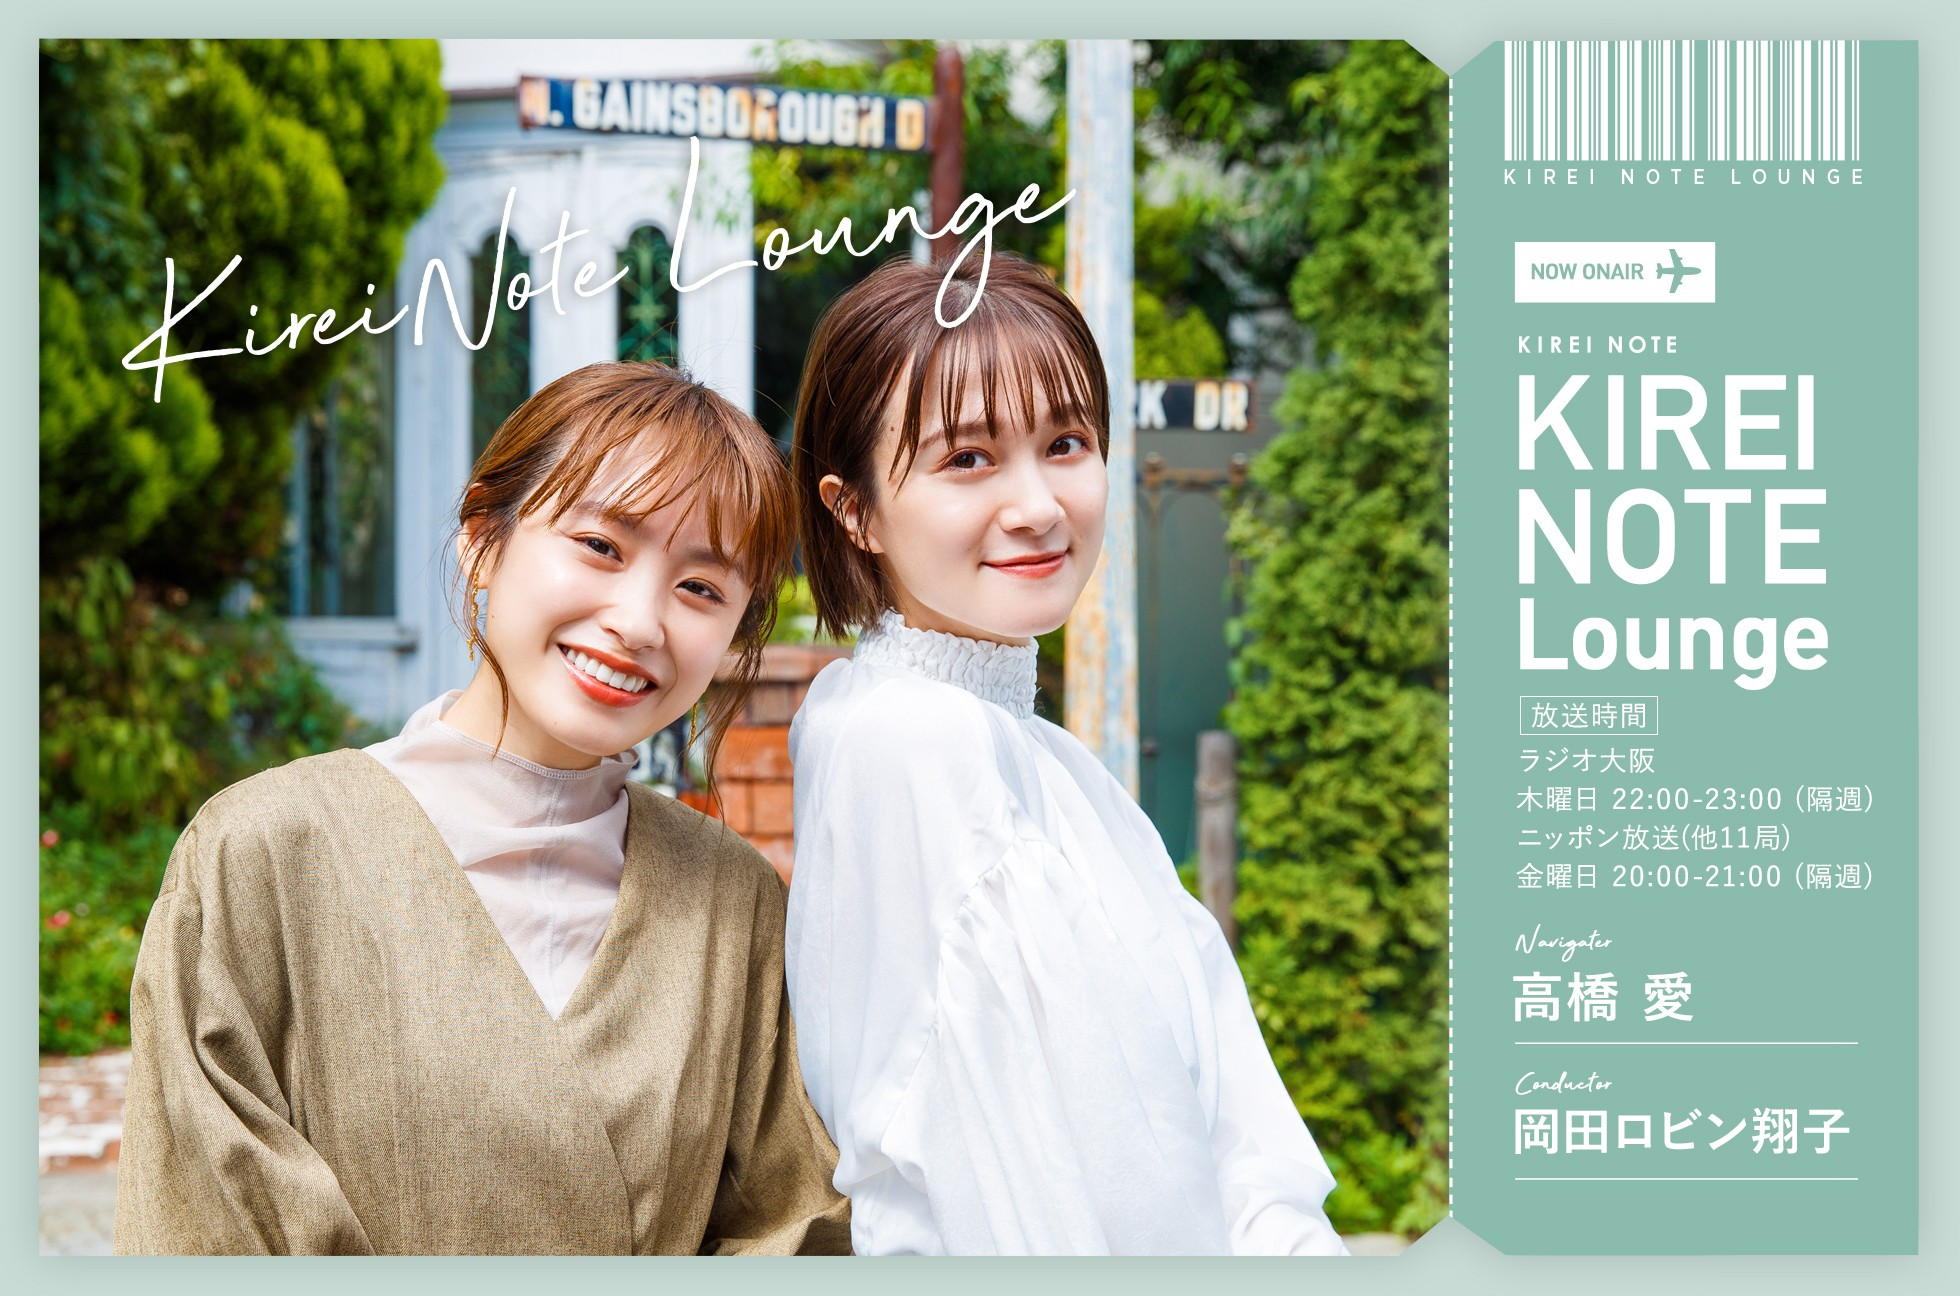 高橋愛と岡田ロビン翔子が「旅×キレイ」をお届けするラジオ番組「KIREI NOTE Lounge」が拡大リニューアル!1月28日(木)から全国13局で放送!